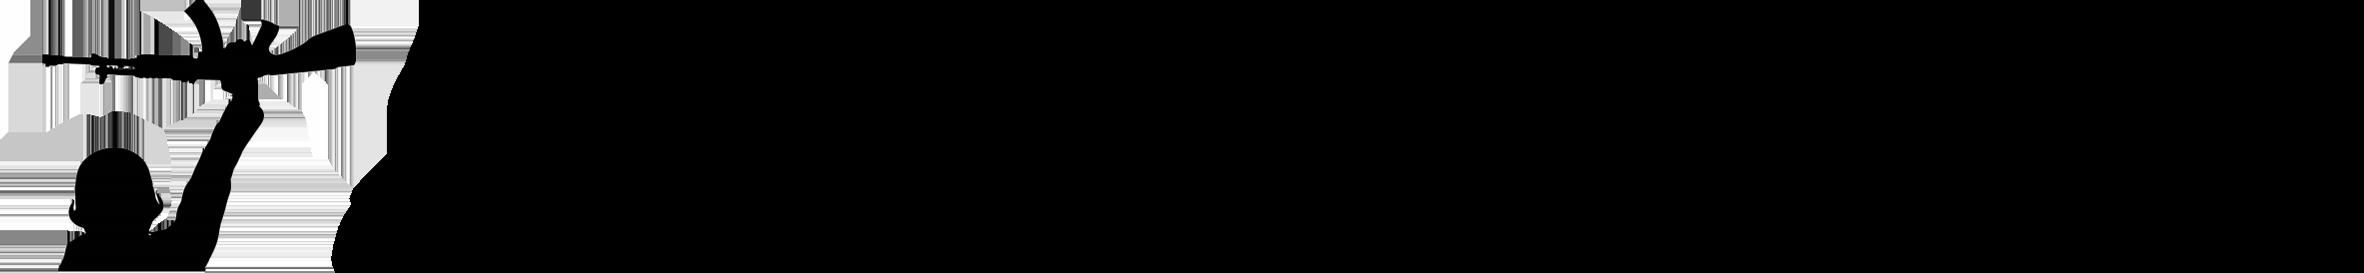 STICHTING VETERANEN 2 CAN RULE logo partnerschap met thod